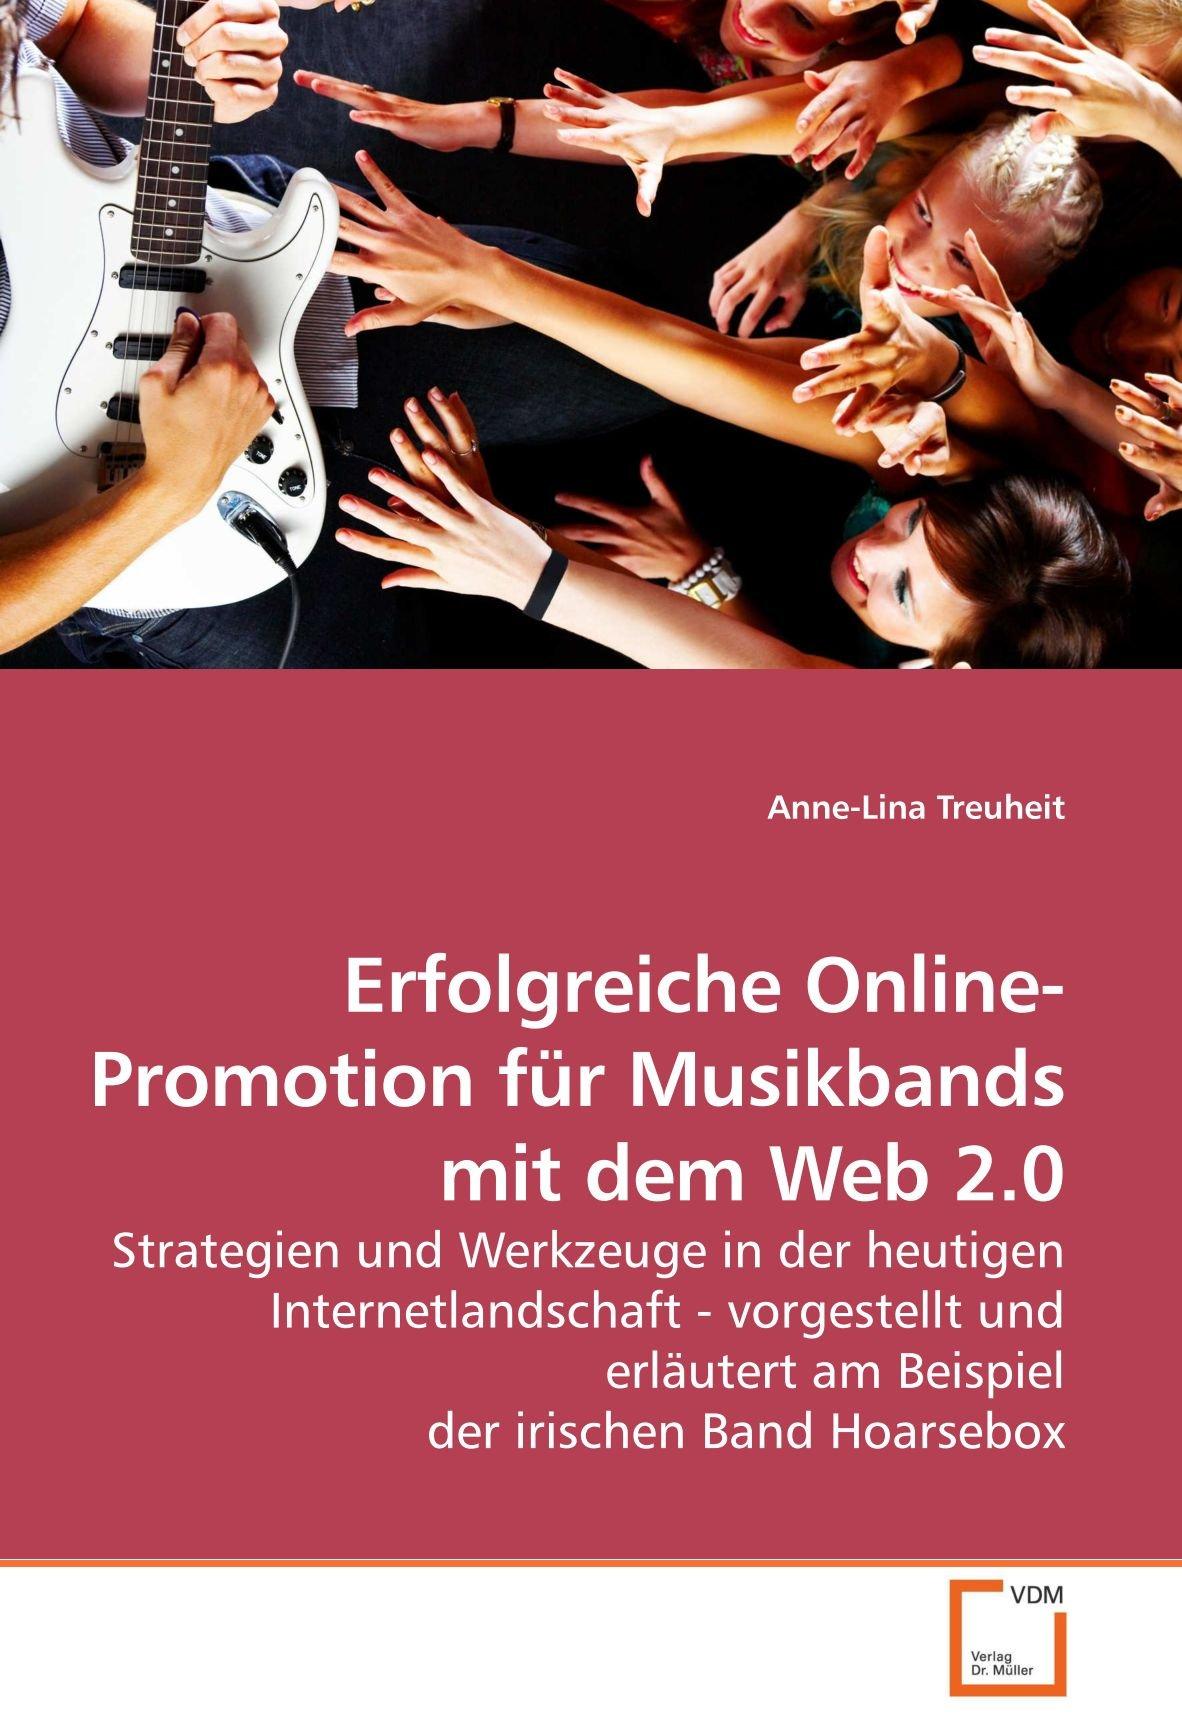 Erfolgreiche Online-Promotion für Musikbands mit dem Web 2.0: Strategien und Werkzeuge in der heutigen Internetlandschaft - vorgestellt und erläutert am Beispiel der irischen Band Hoarsebox